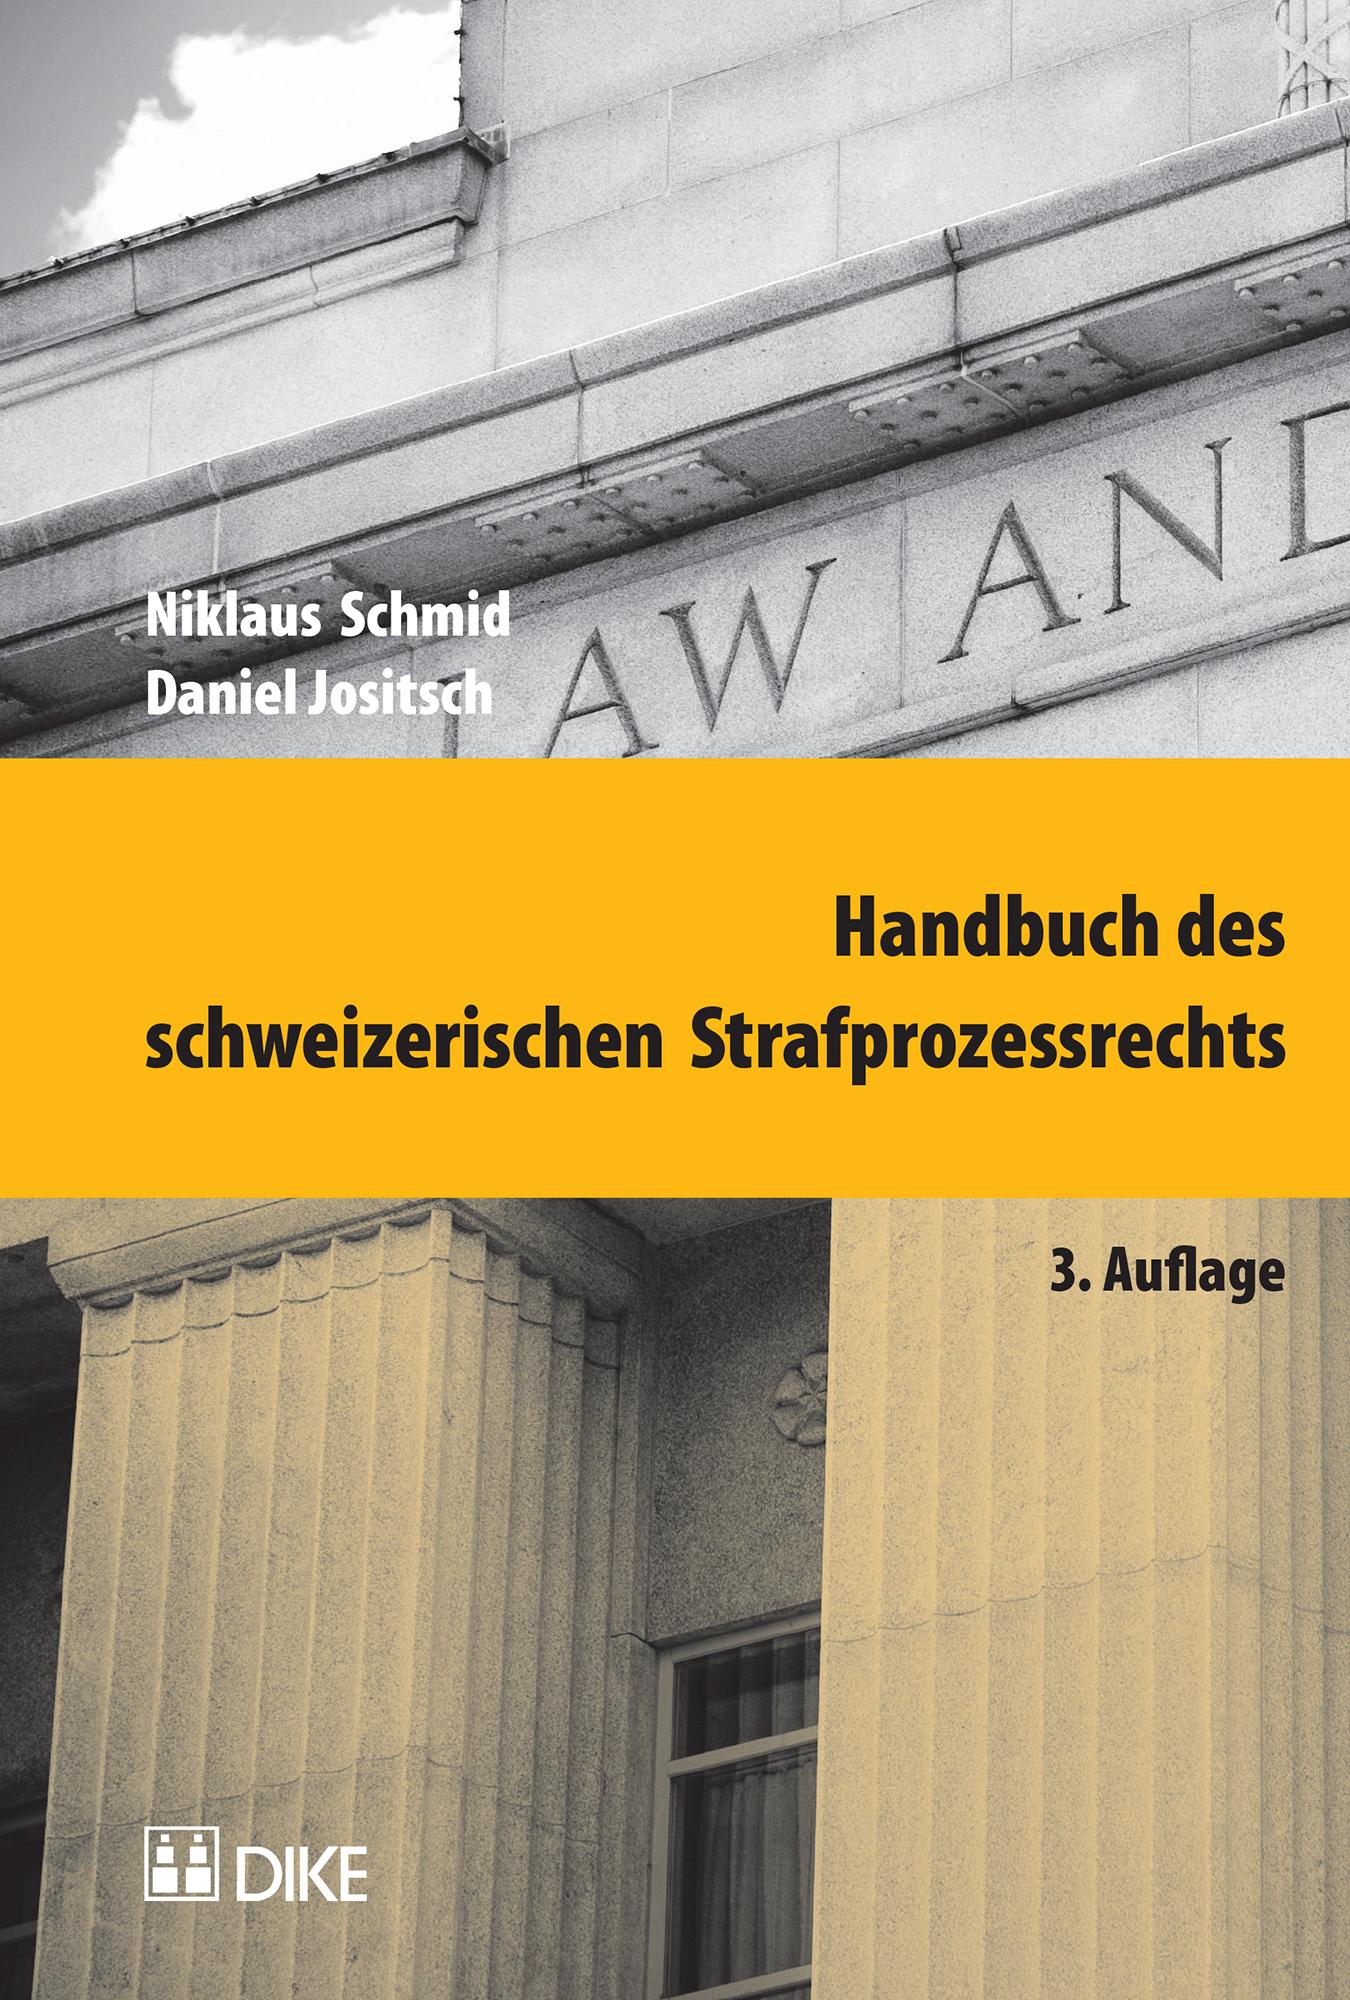 Handbuch des schweizerischen Strafprozessrechts